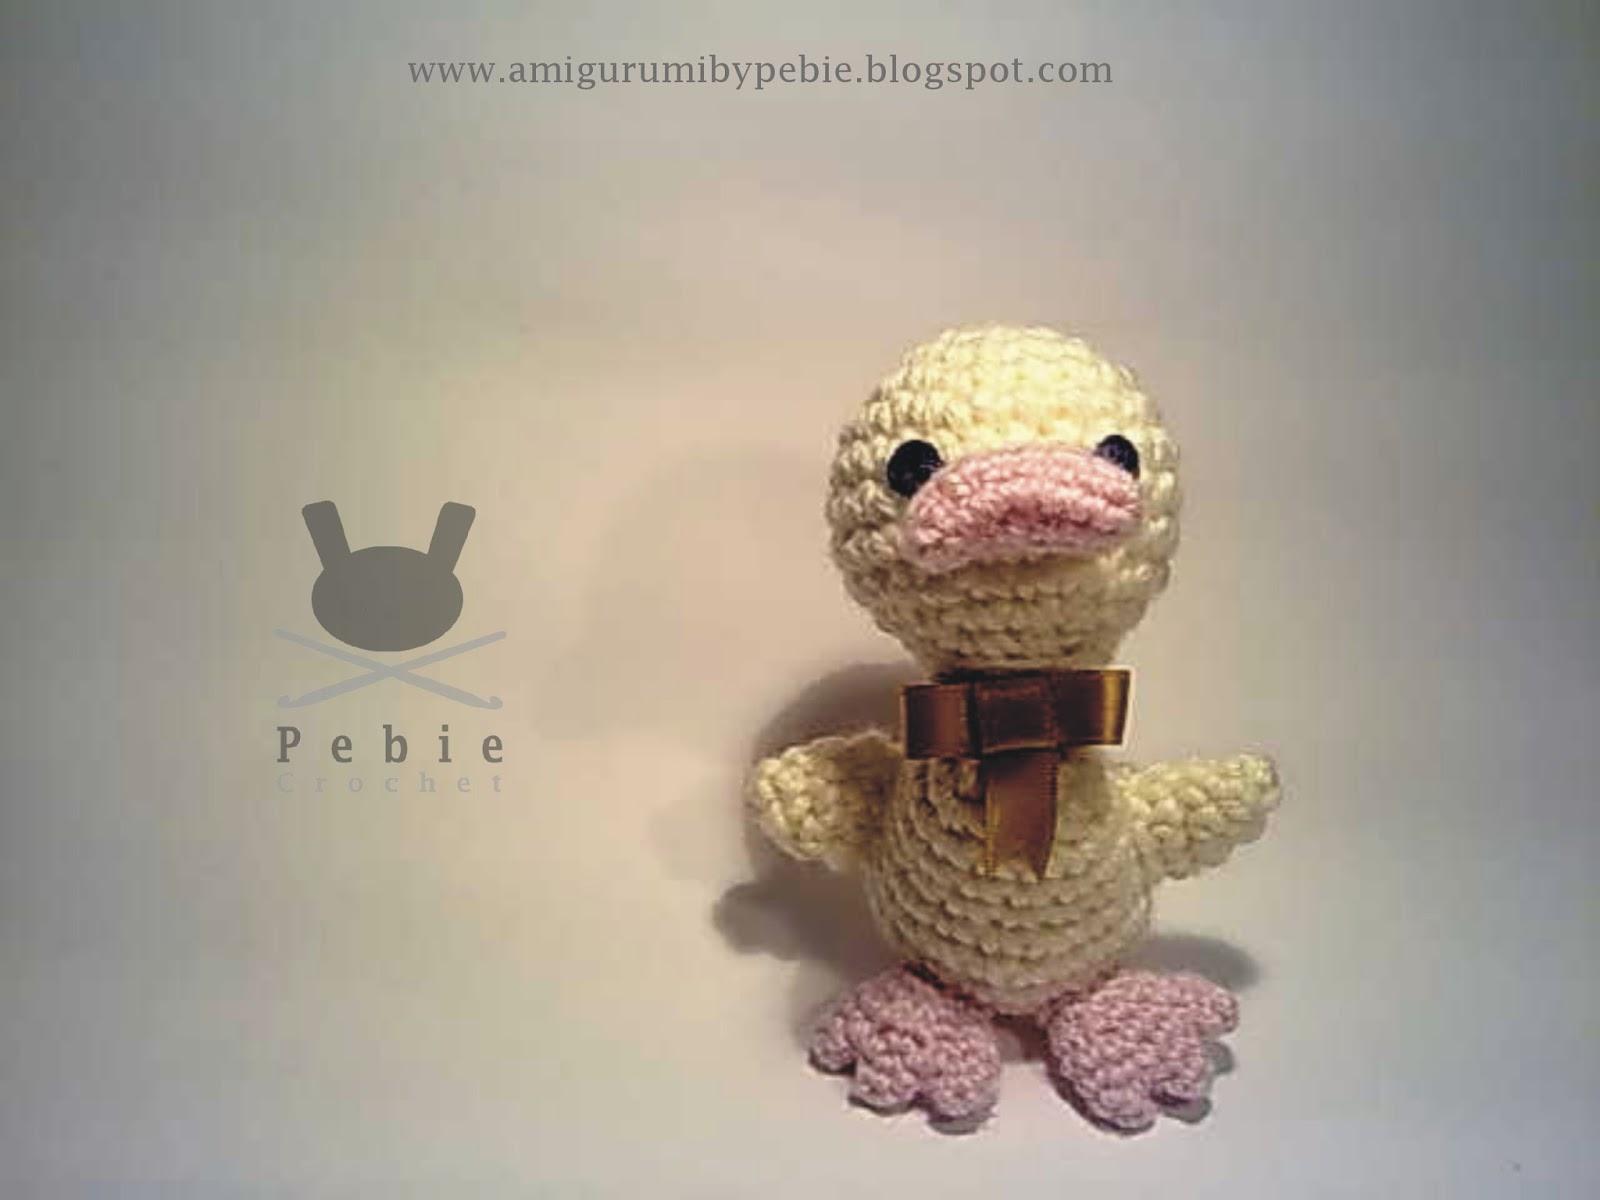 Funny Amigurumi by Pebie: Parrulo Ducks Pattern